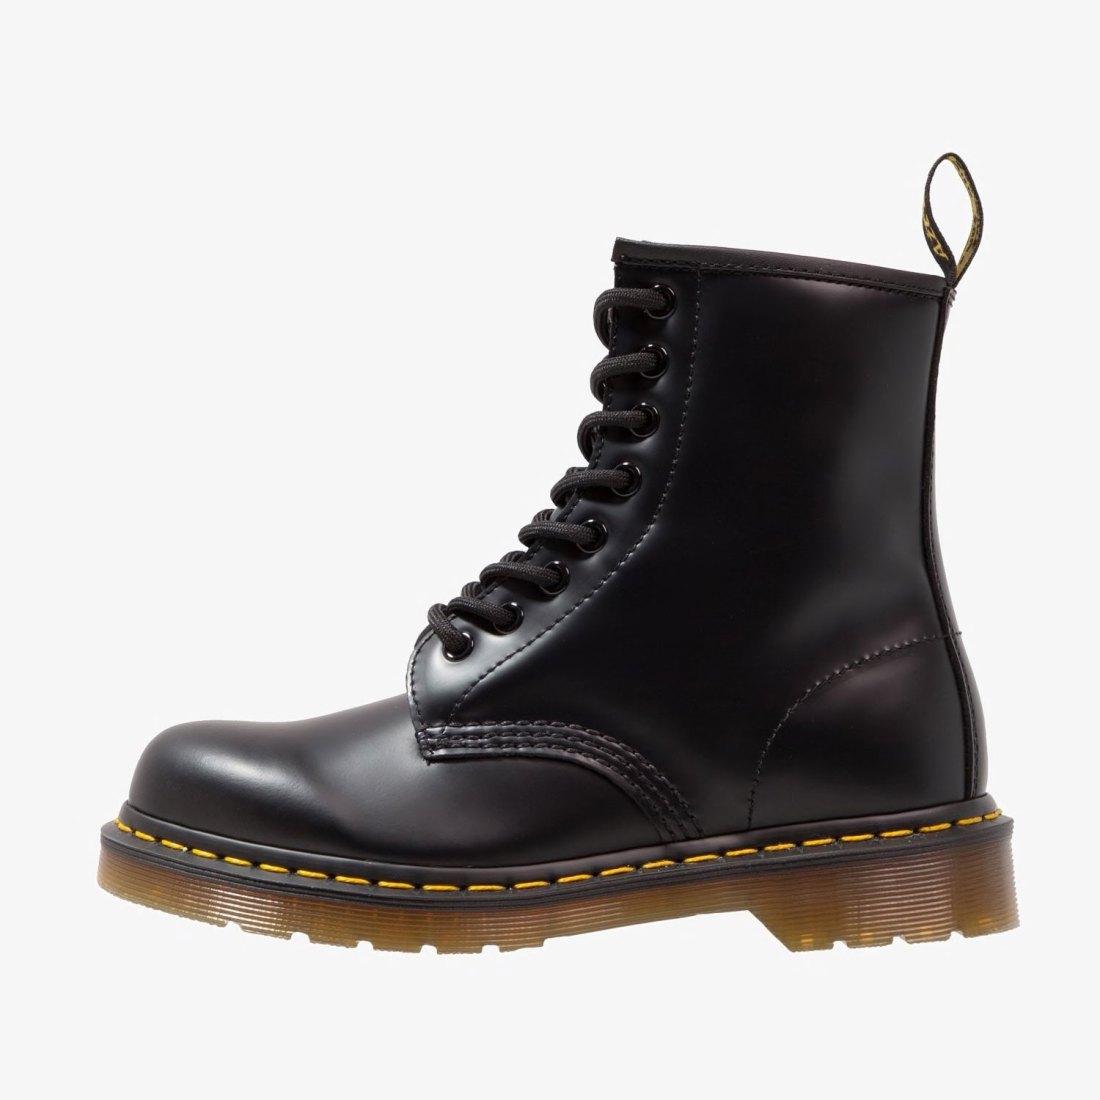 Schuhe von Dr.Martens